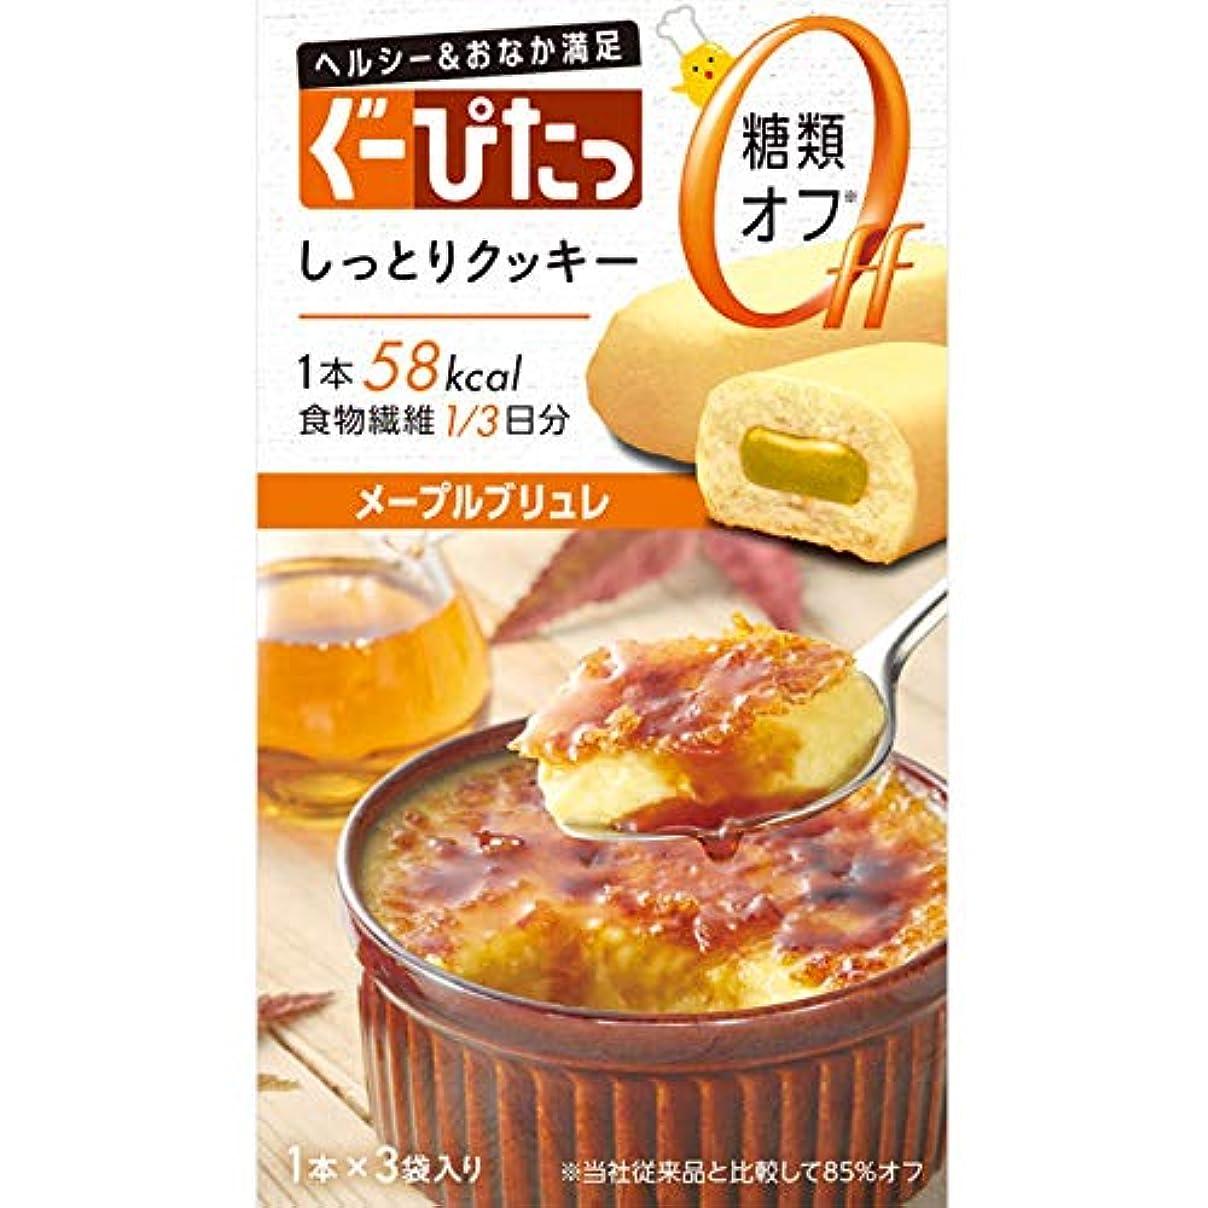 器具大陸ページナリスアップ ぐーぴたっ しっとりクッキー メープルブリュレ (3本) ダイエット食品